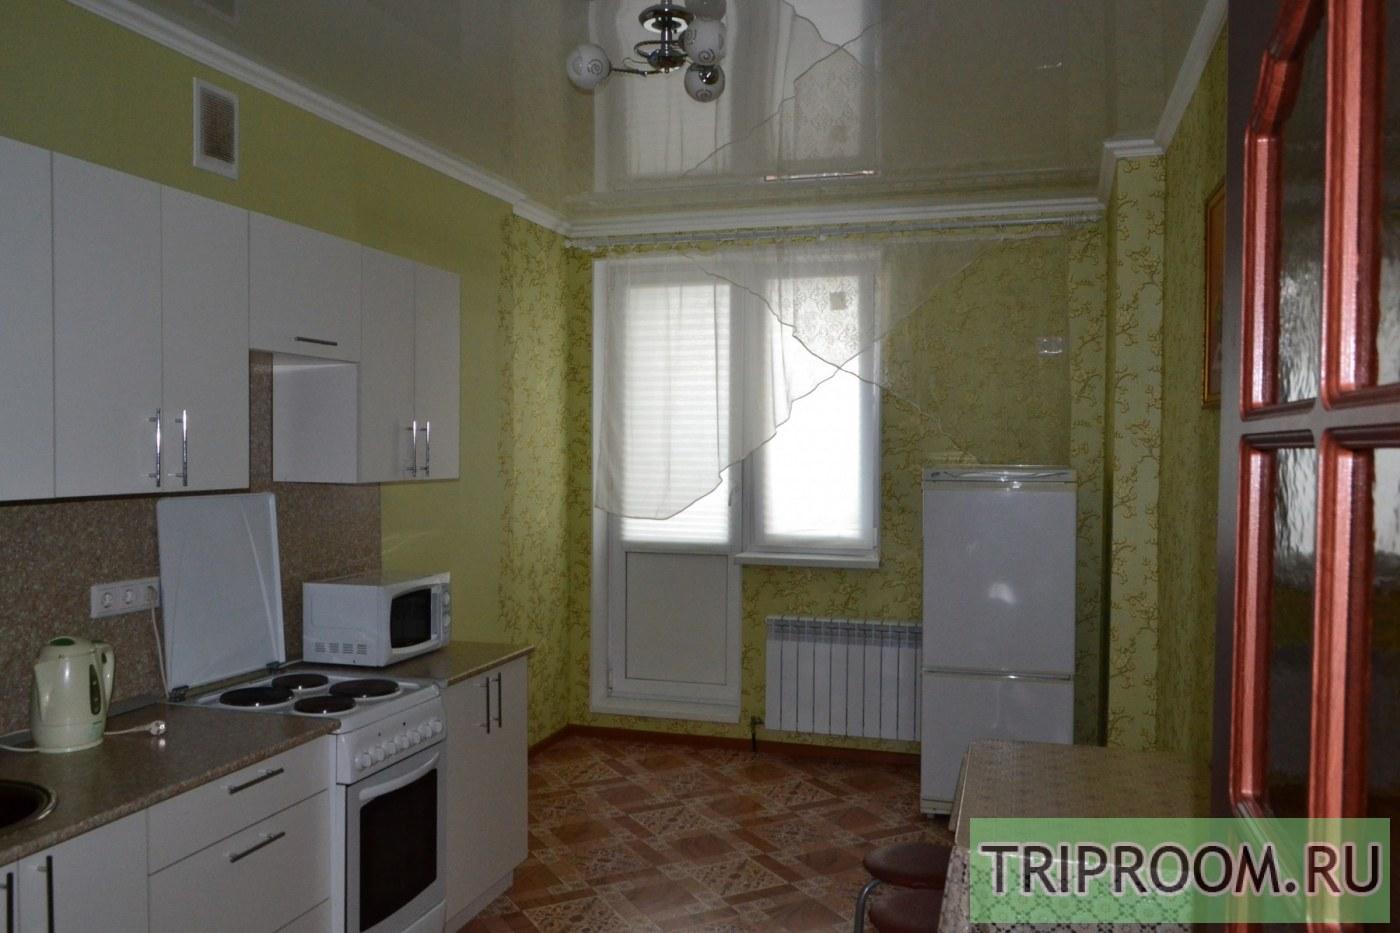 1-комнатная квартира посуточно (вариант № 28254), ул. Юлиуса Фучика улица, фото № 4